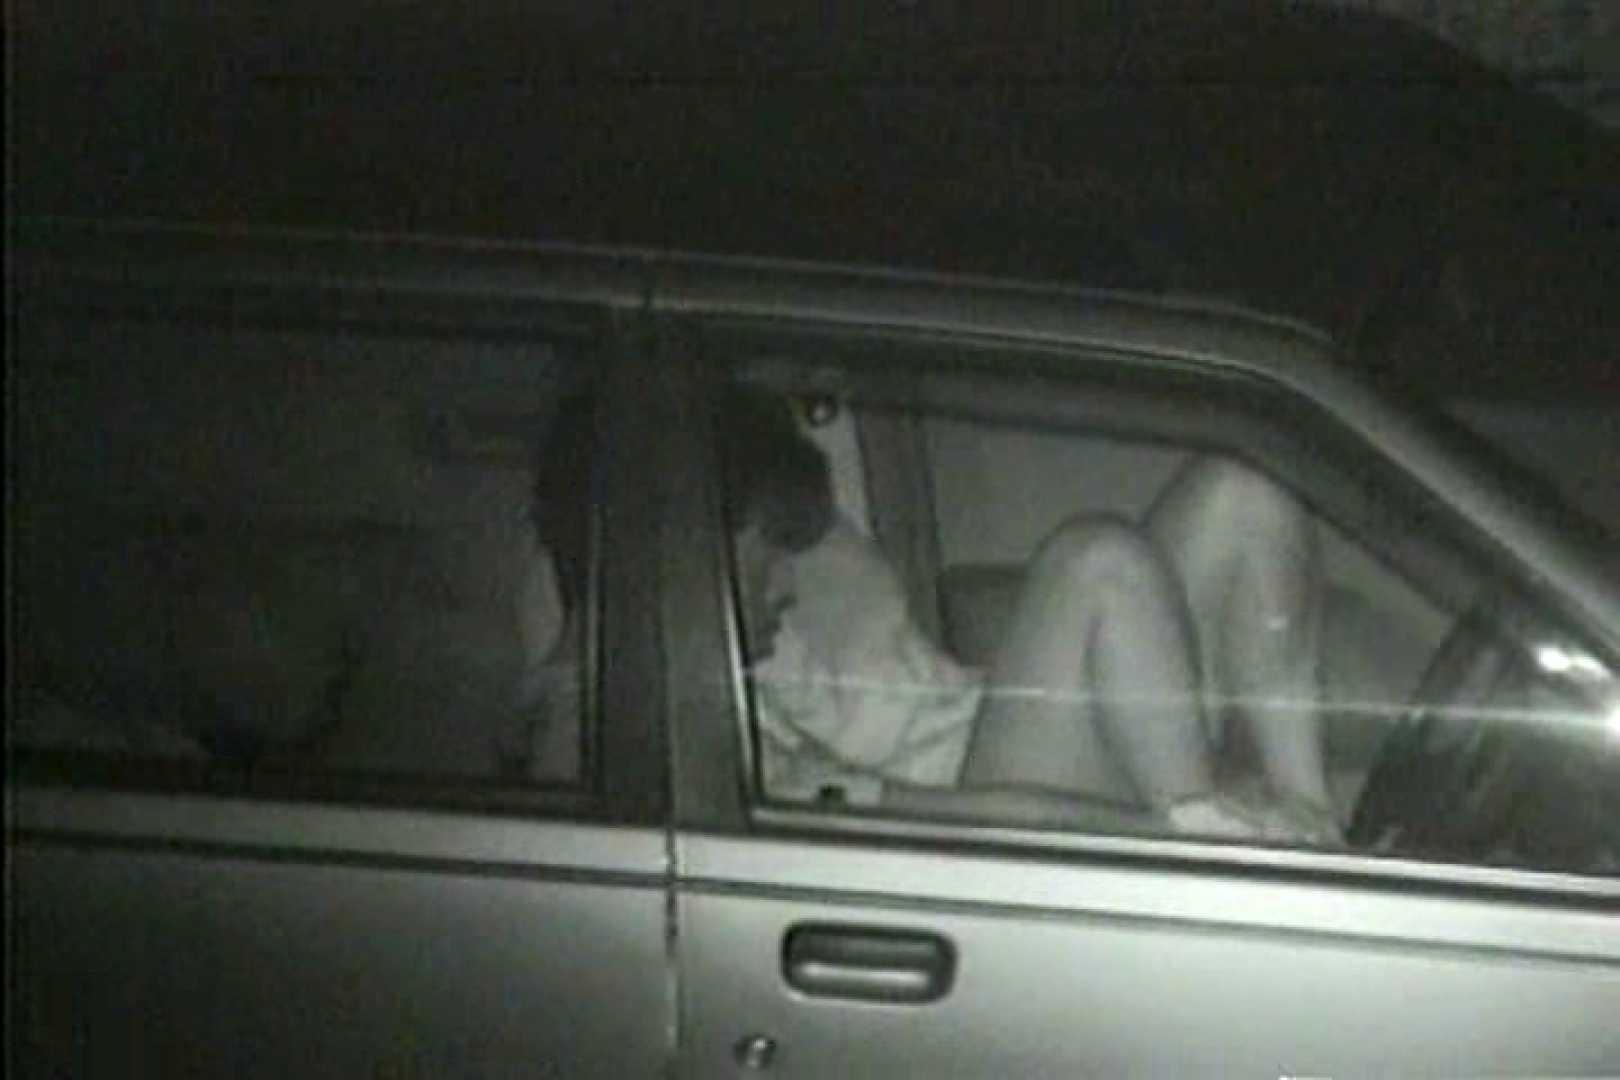 車の中はラブホテル 無修正版  Vol.10 セックス アダルト動画キャプチャ 87pic 3